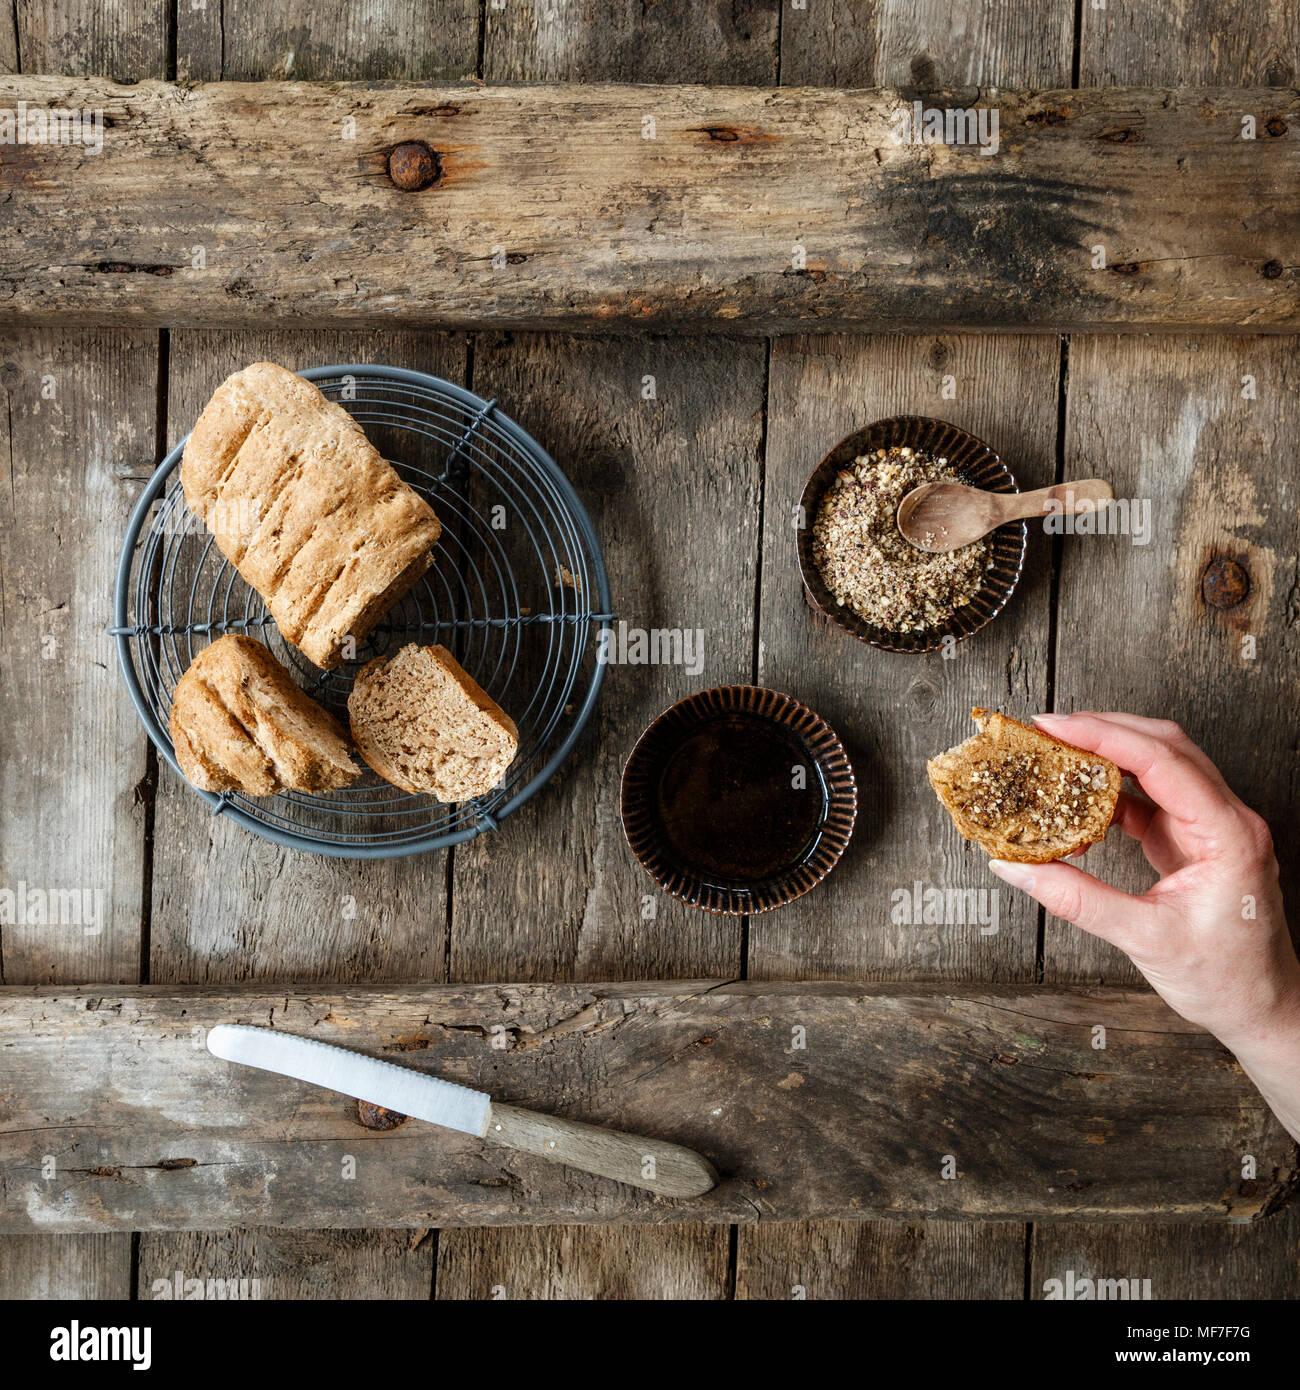 Traditionell ägyptische Mutter dukkah Spice Blend mit Brot und Olivenöl Stockbild